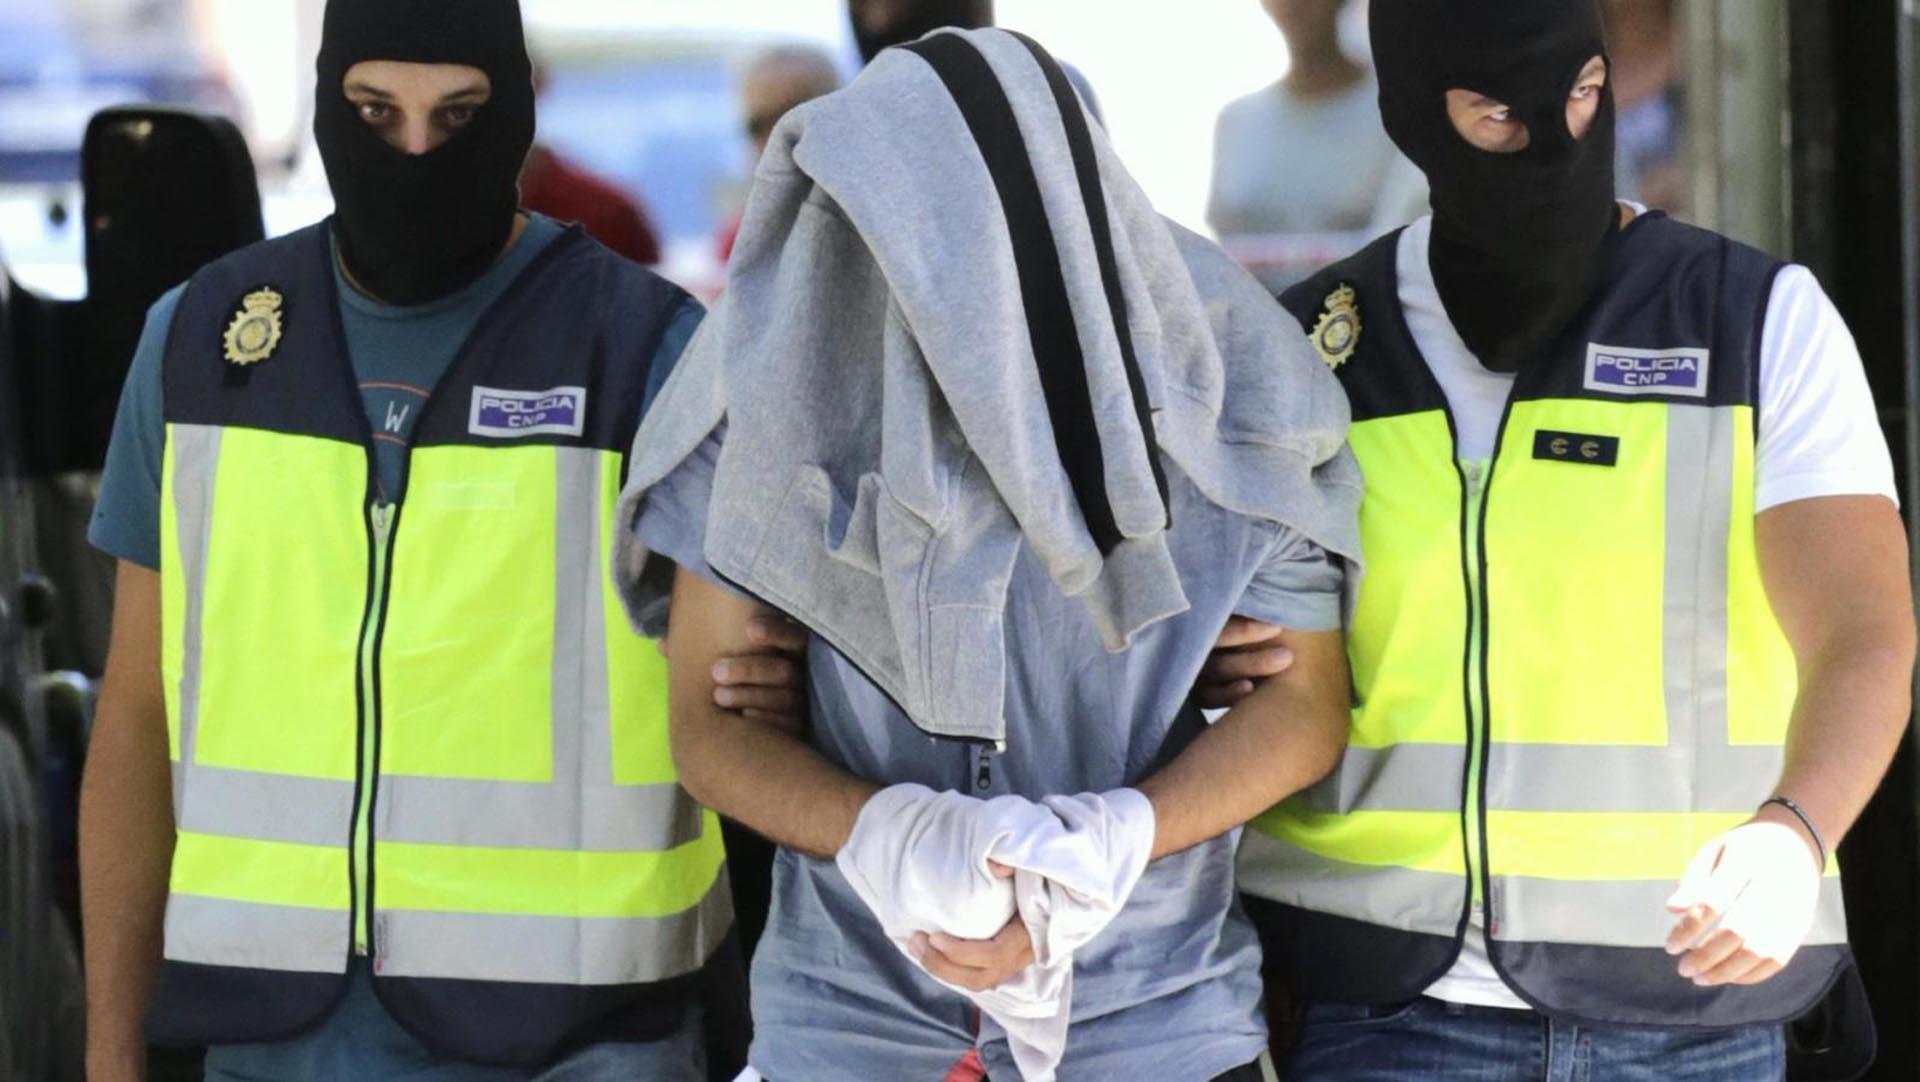 Tres marroquíes radicados en España fueron detenidos por presuntamente estar vinculados con el EI